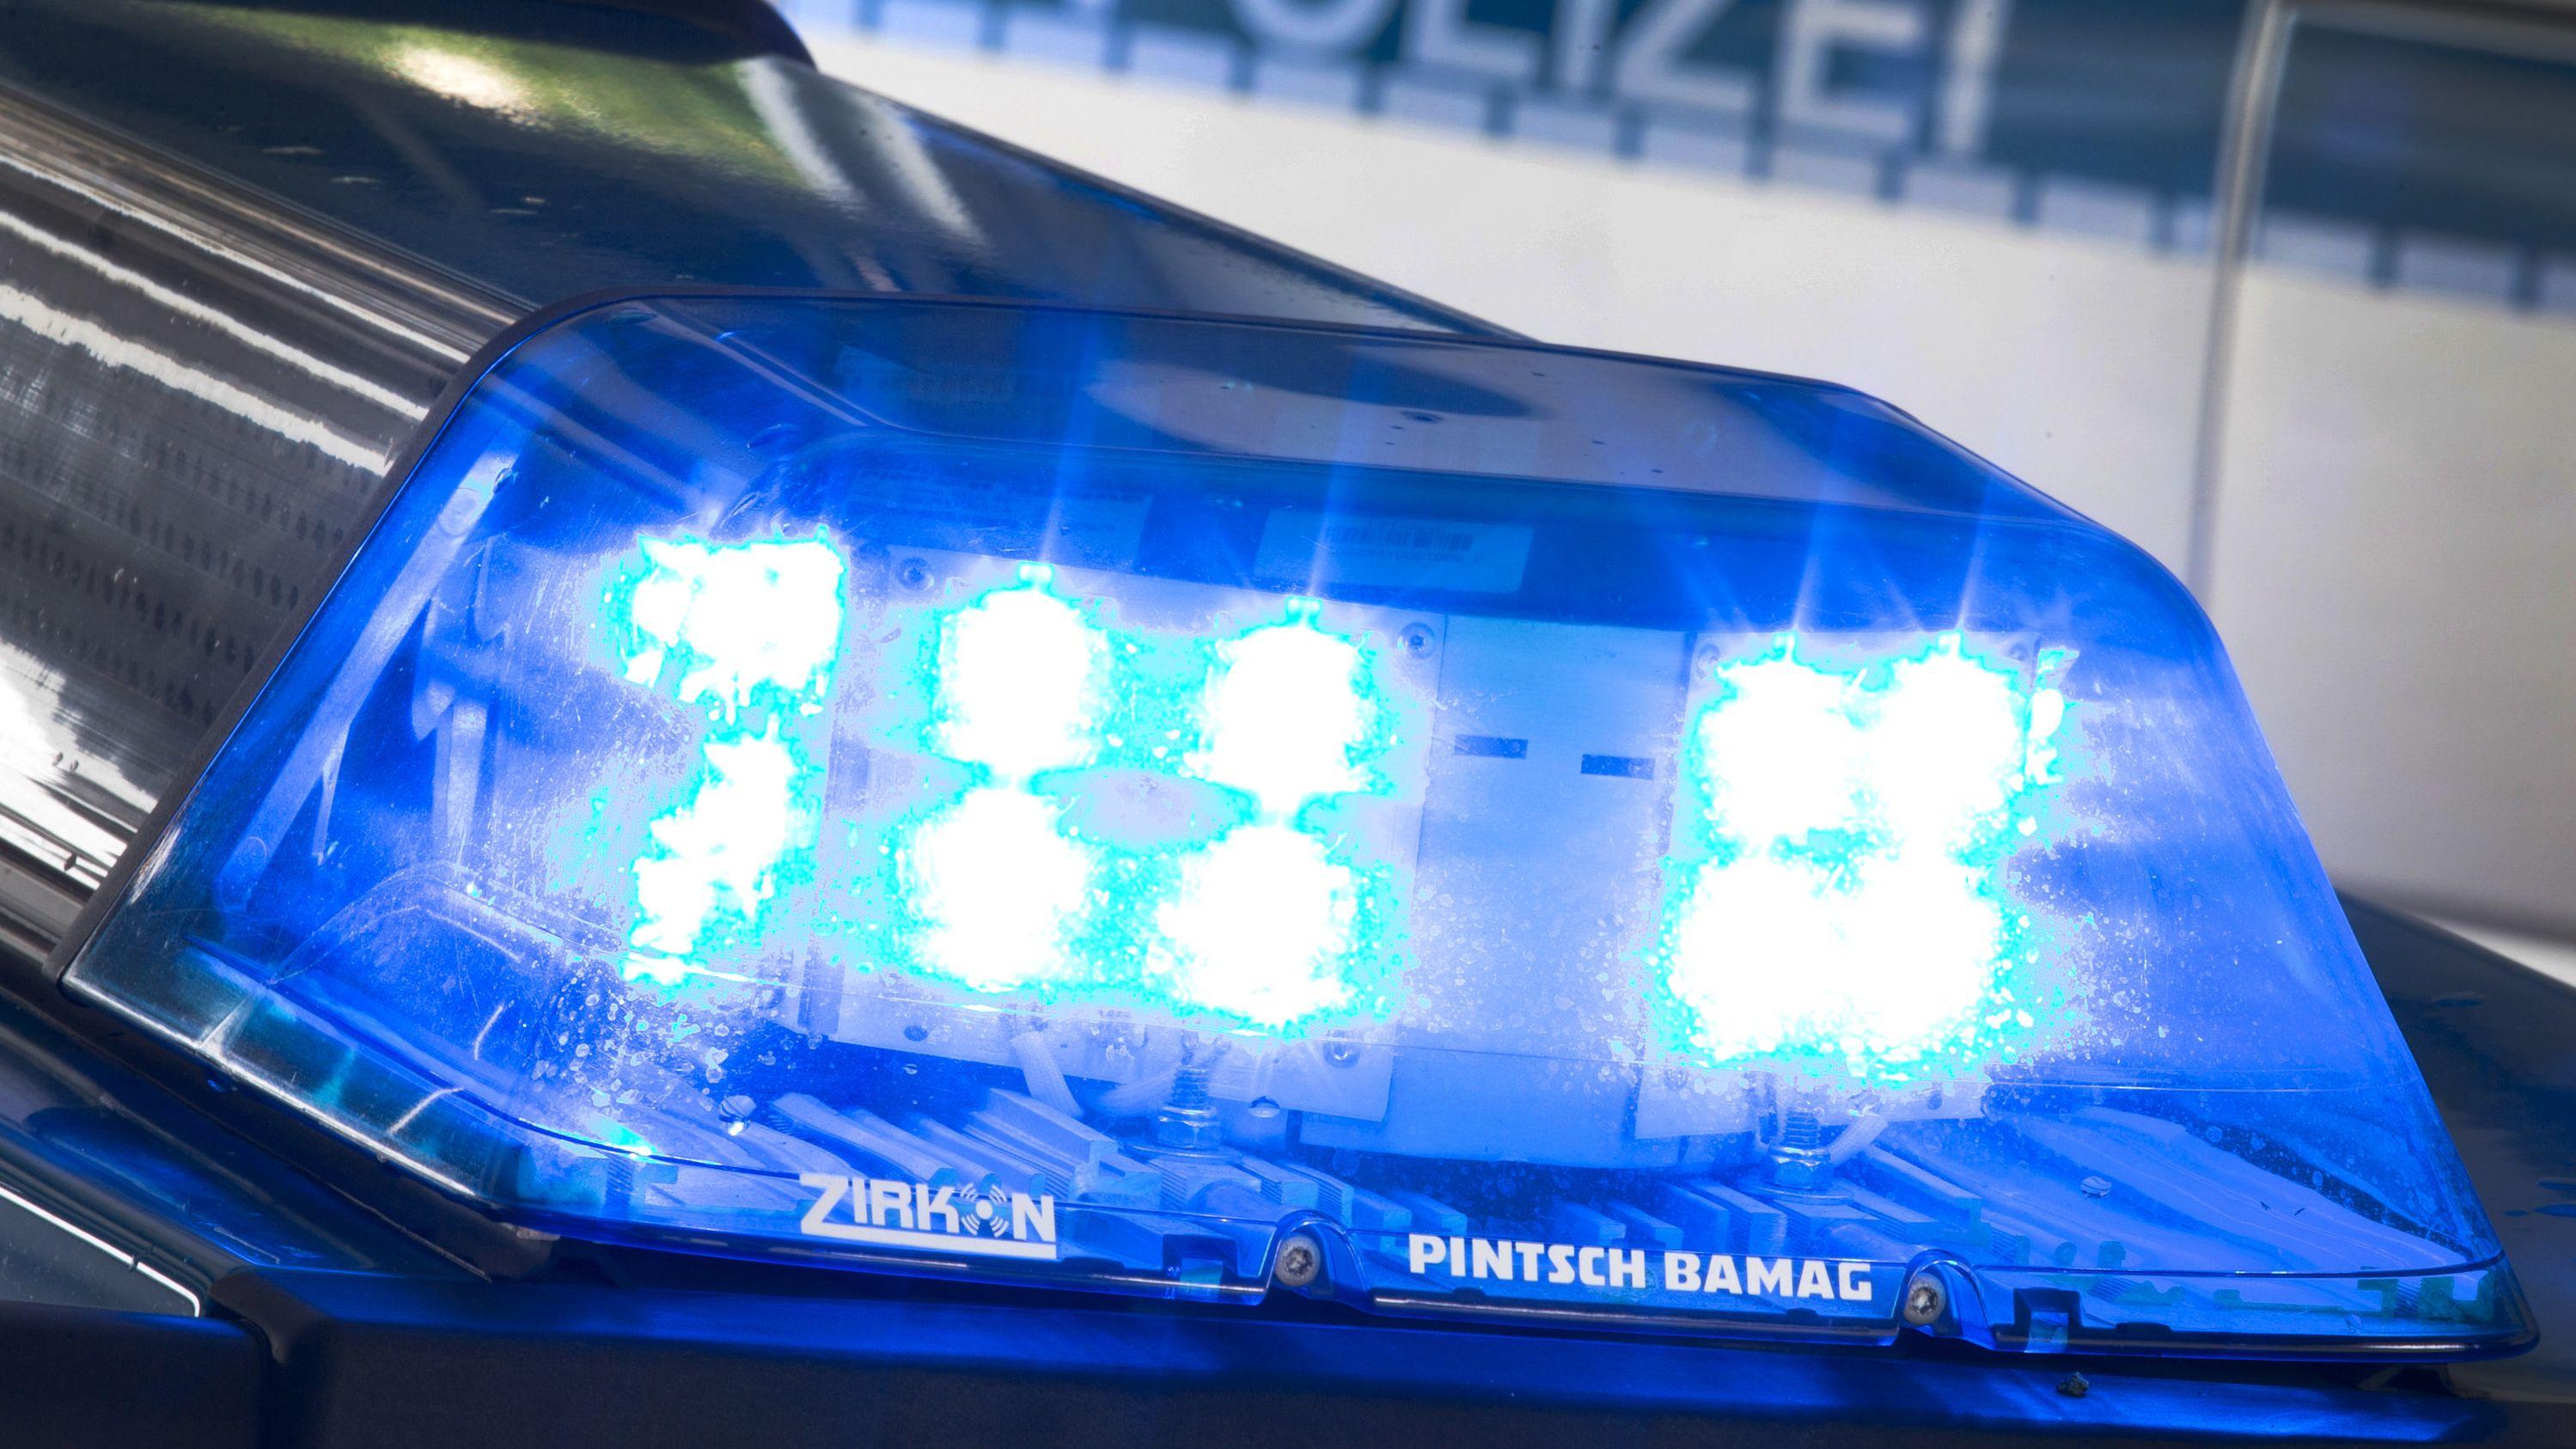 Blaulicht eines Polizeiautos in Großaufnahme.